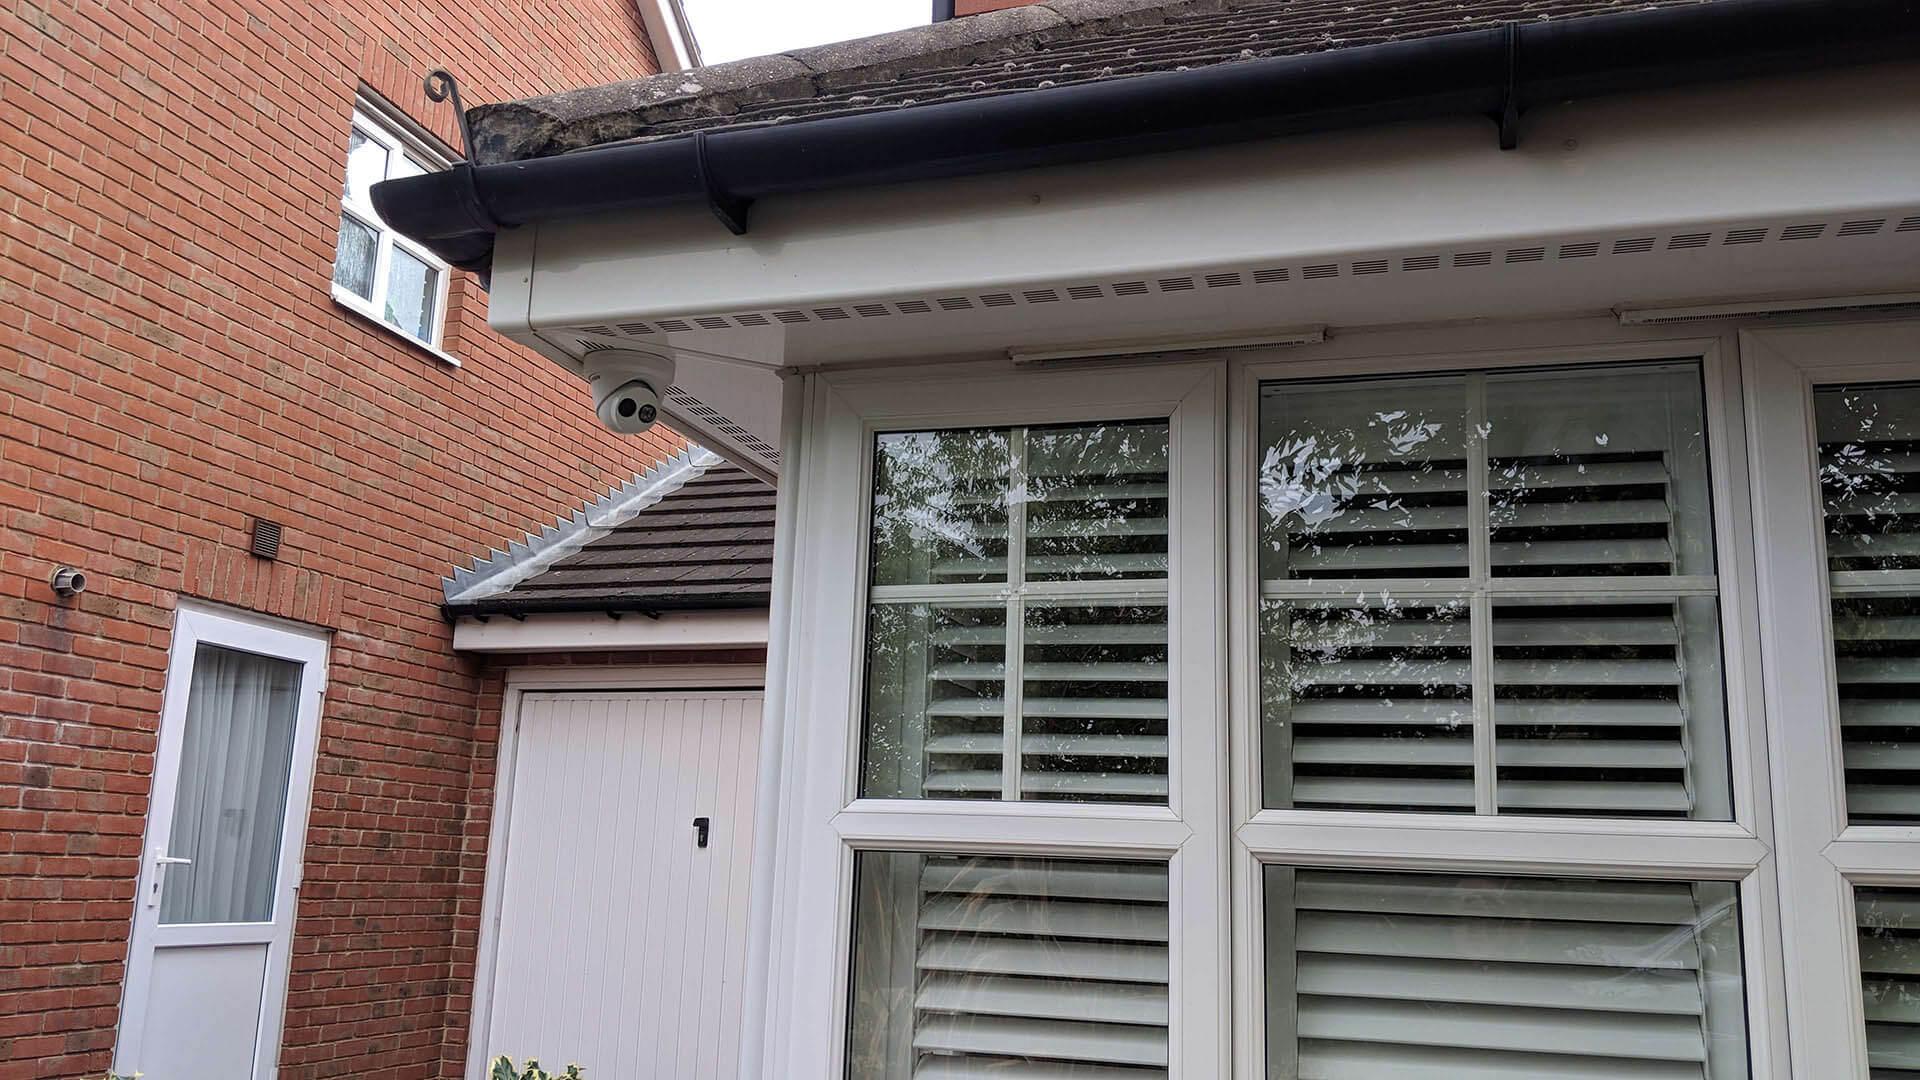 4K CCTV Installation Upgrade in Barkingside